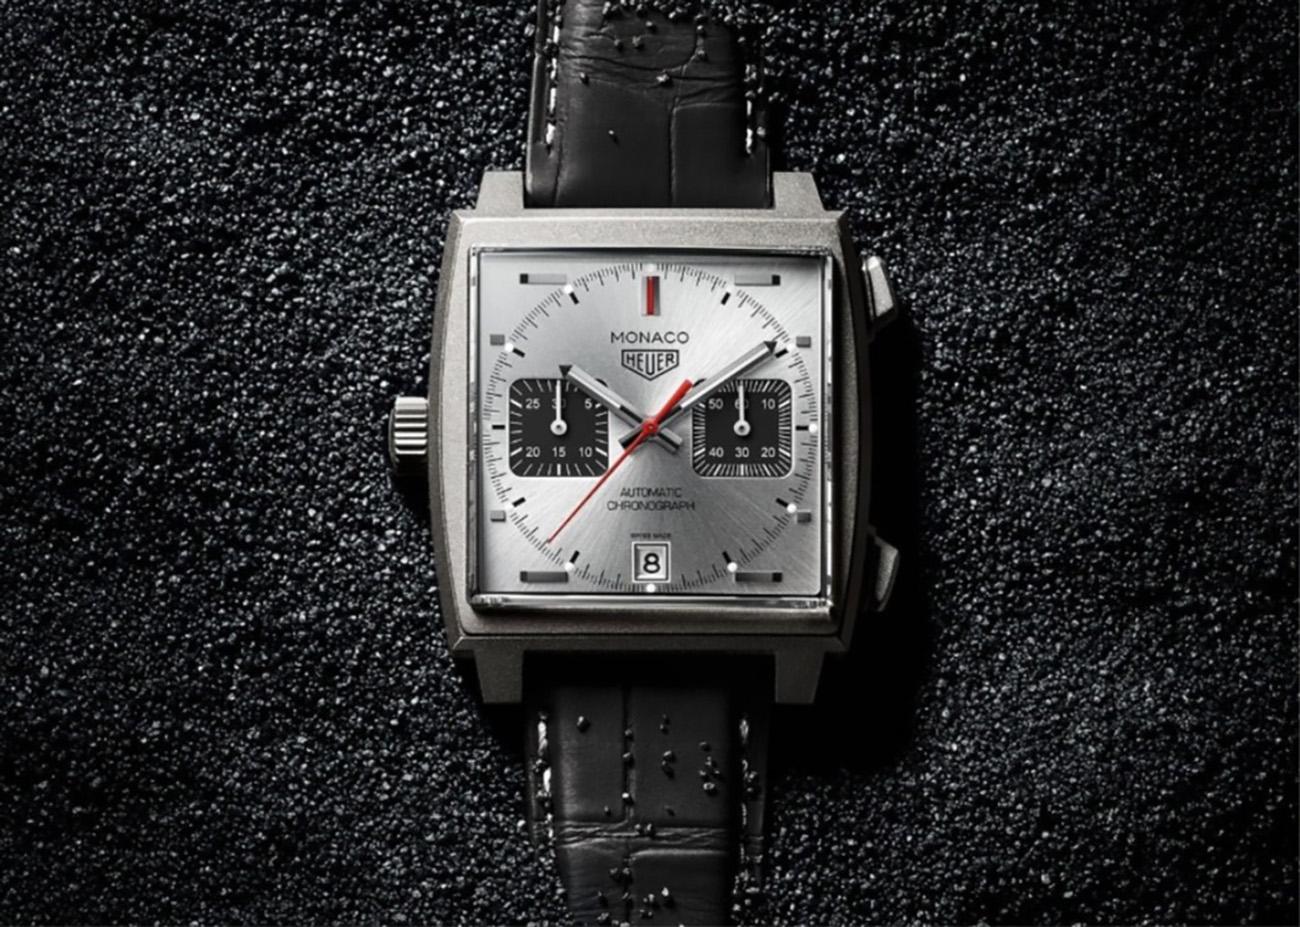 Η TAG Heuer γιορτάζει την επιστροφή του Γκραν Πρι του Μονακό με ένα απίστευτο ρολόι